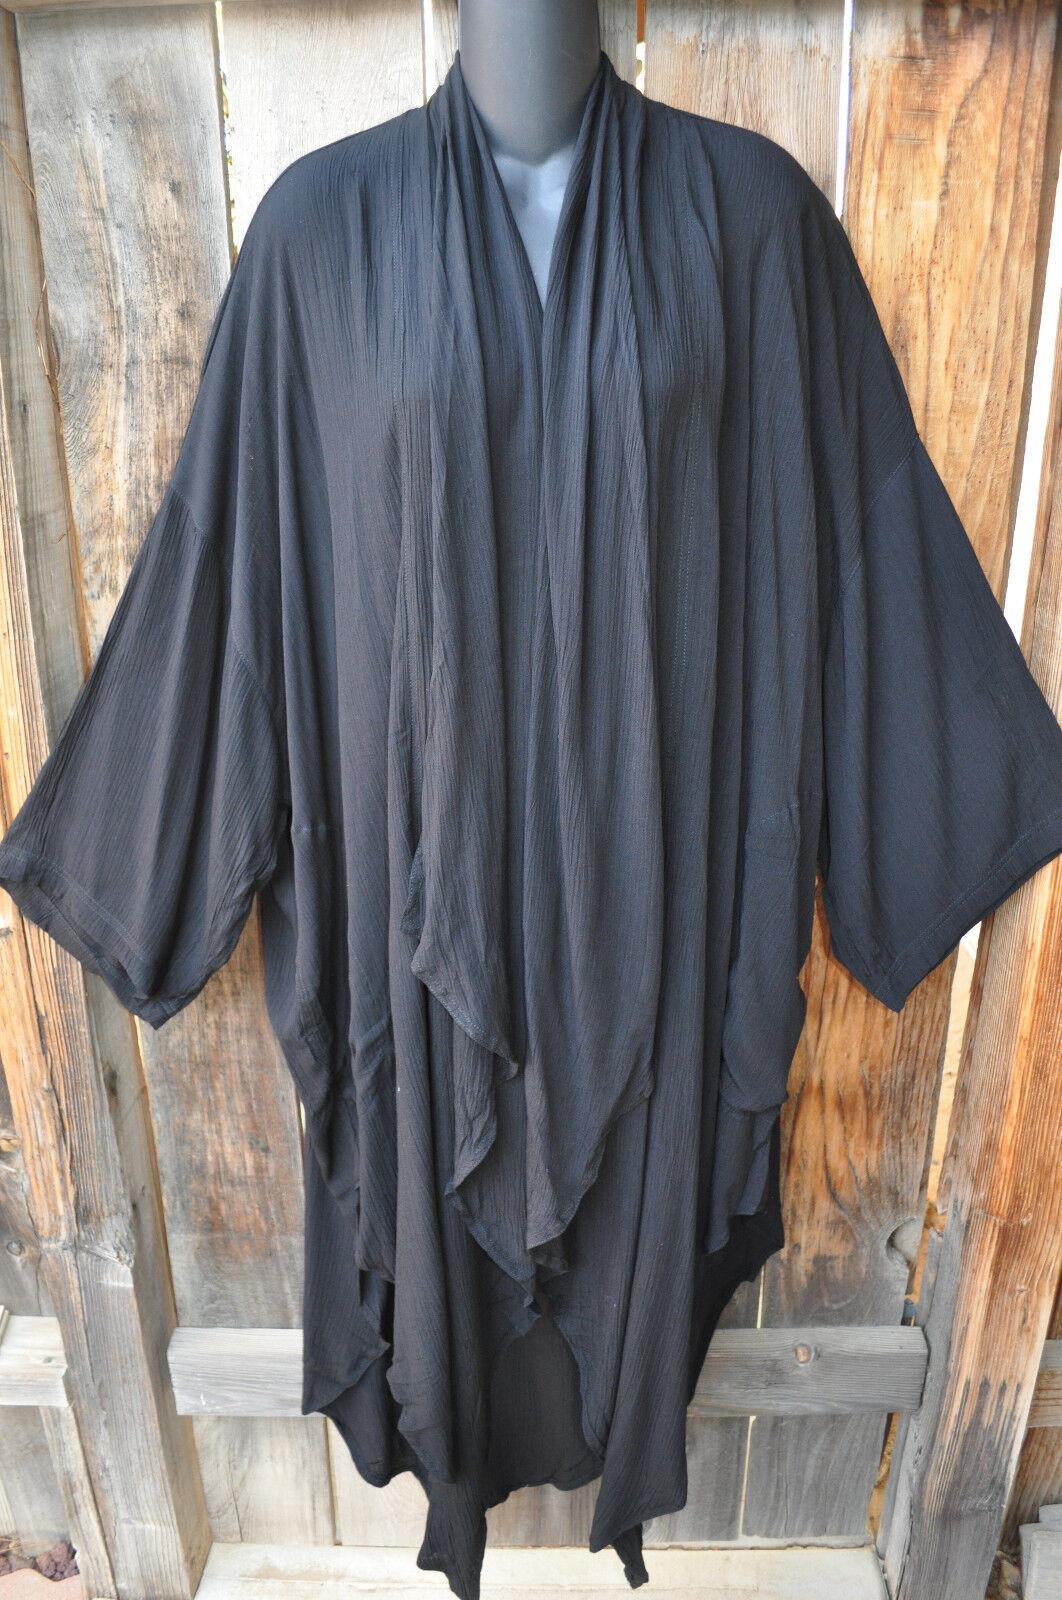 Mission Canyon Art à porter 50 Long Kimono Duster en Classique Solide Noir, Taille unique +